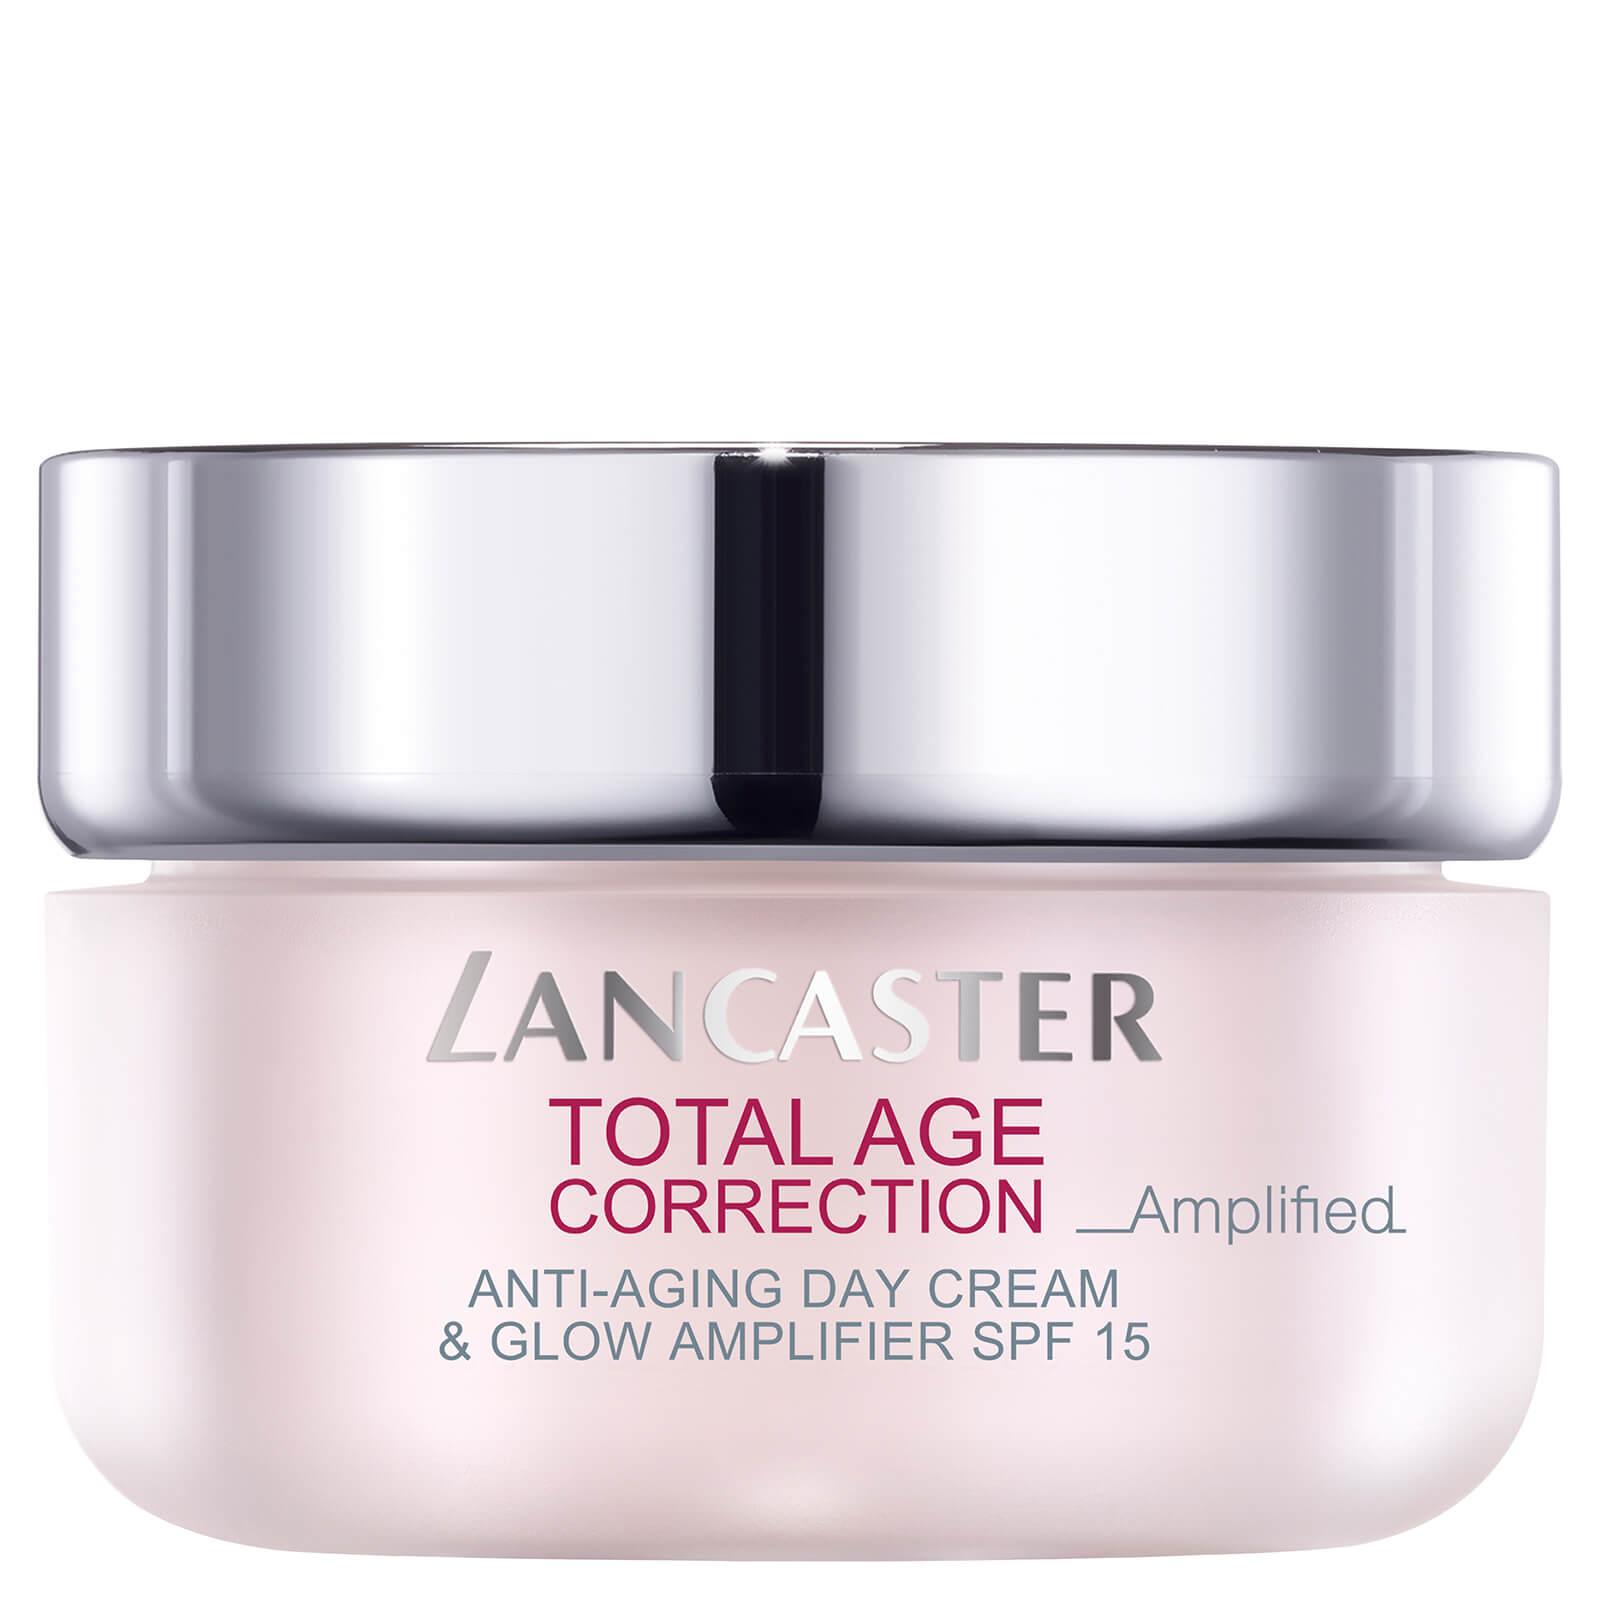 Crema de día Total Age Correction Antienvejecimiento y Luminosidad SPF 15 Lancaster